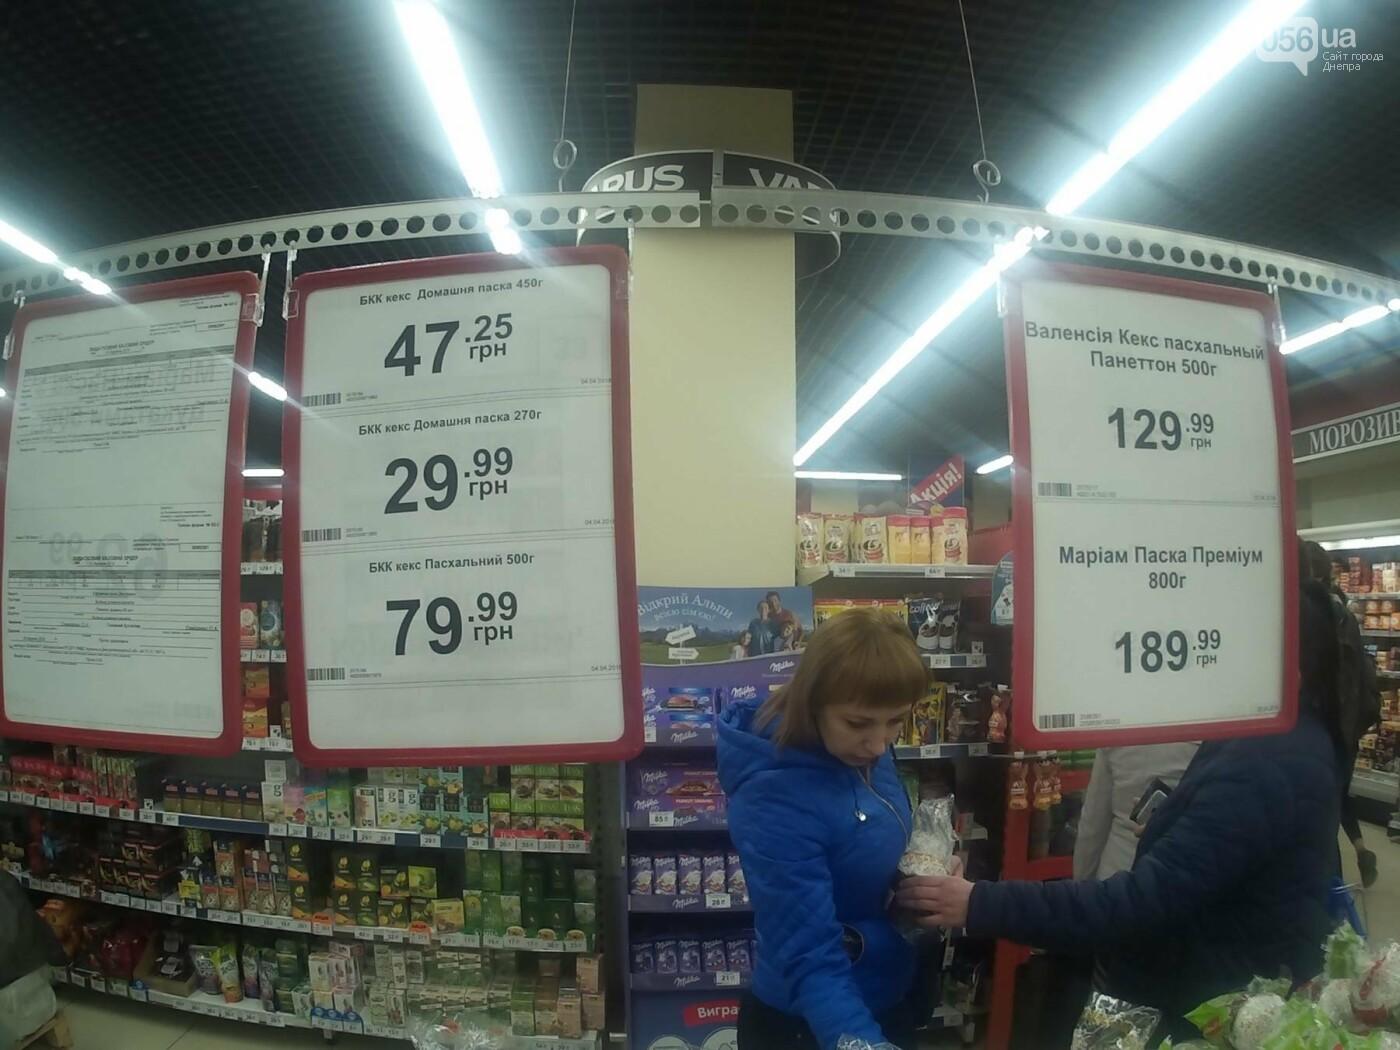 Сколько стоят паски в Днепре: обзор цен (ФОТО), фото-2